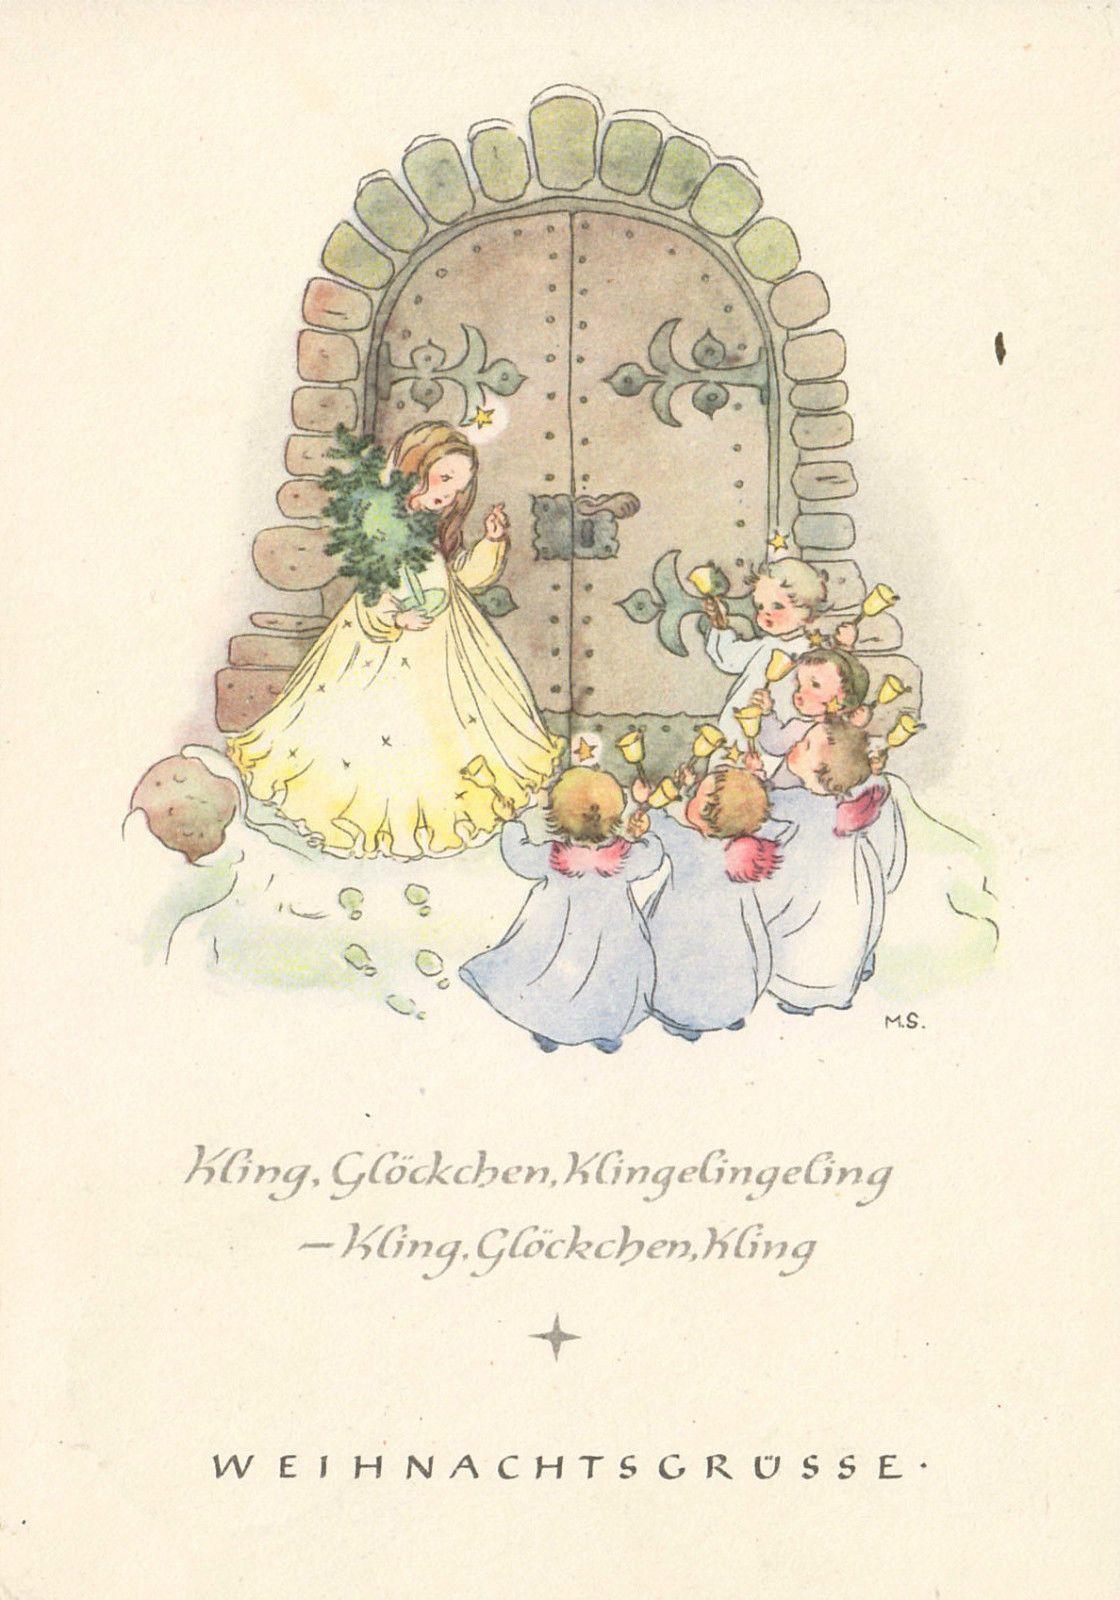 Beeindruckend Kling Glöckchen Galerie Von Weihnachten - Glöckchen, Klingelingeling - Margret Savelsberg,